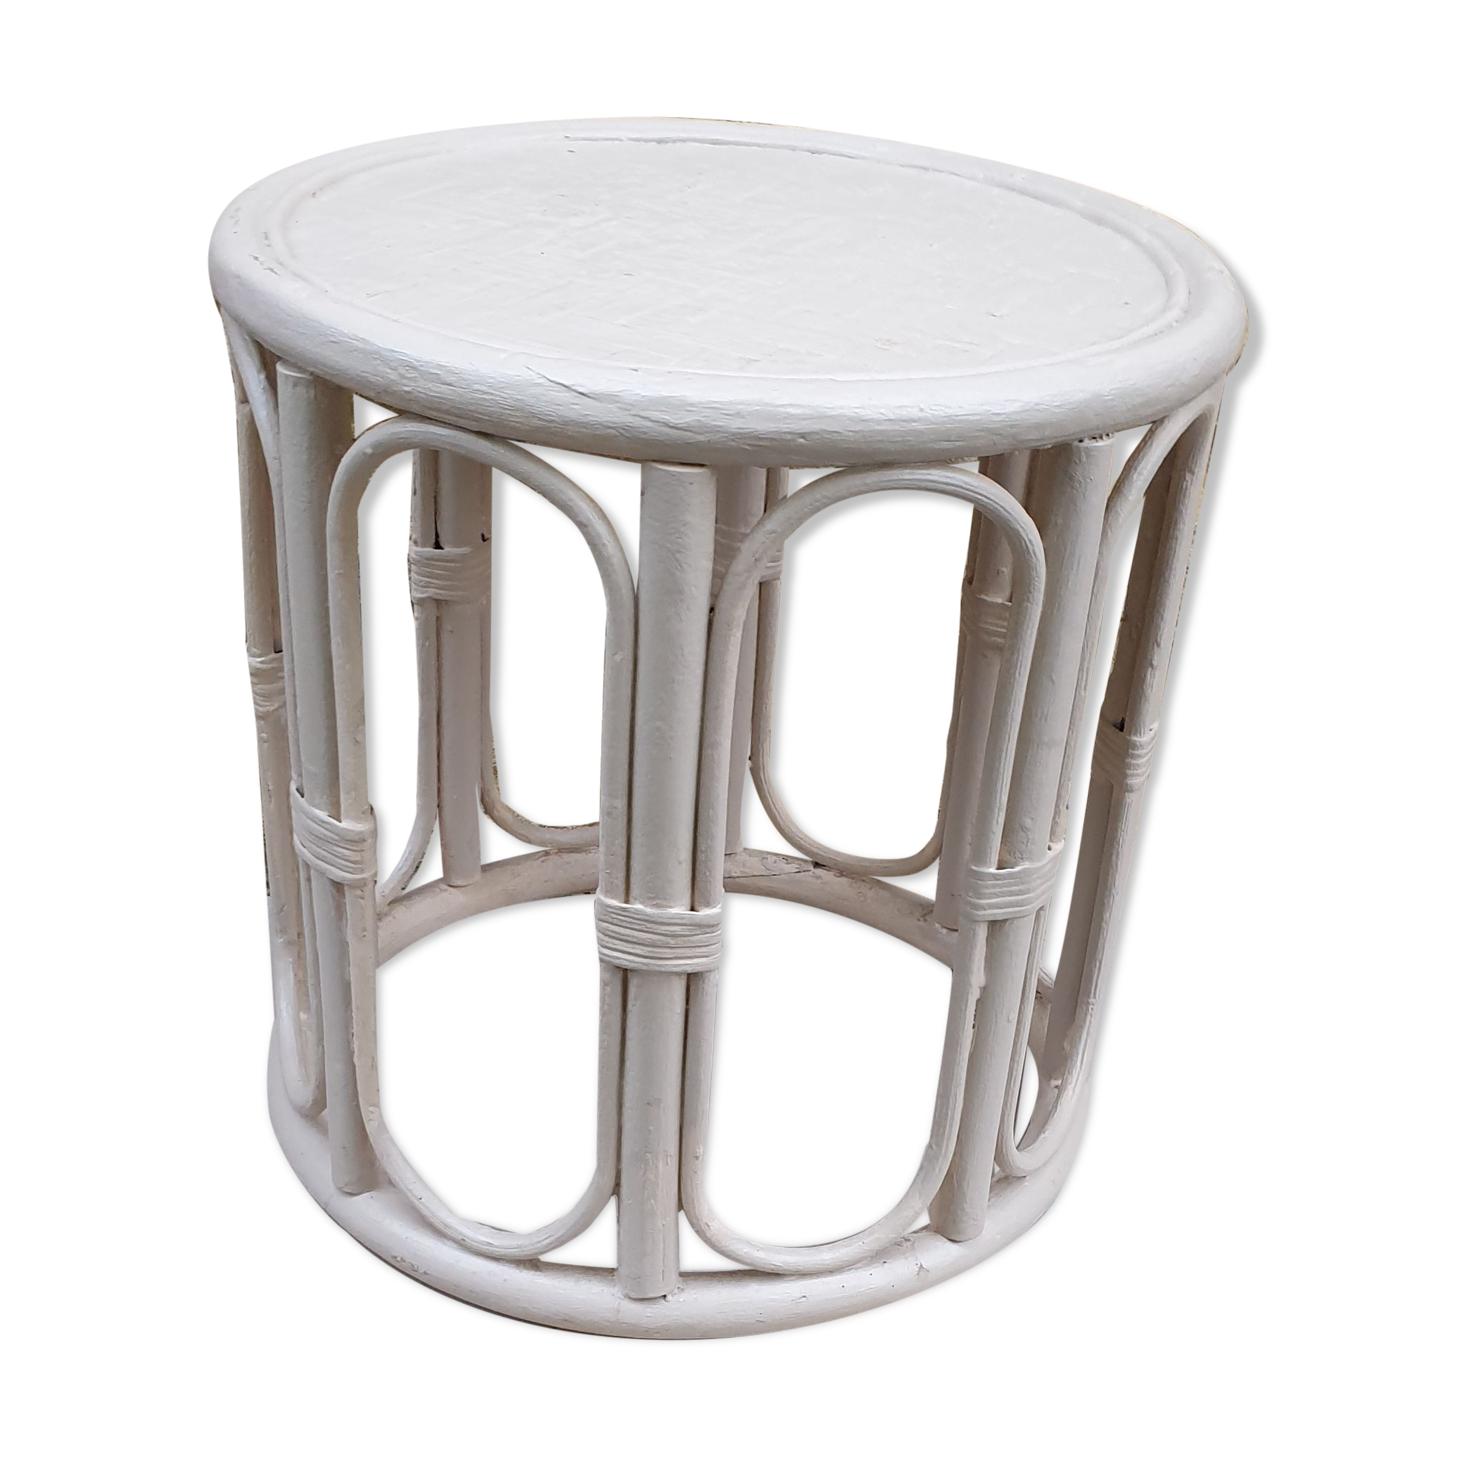 Table d'appoint, bout de canapé canne de bambou